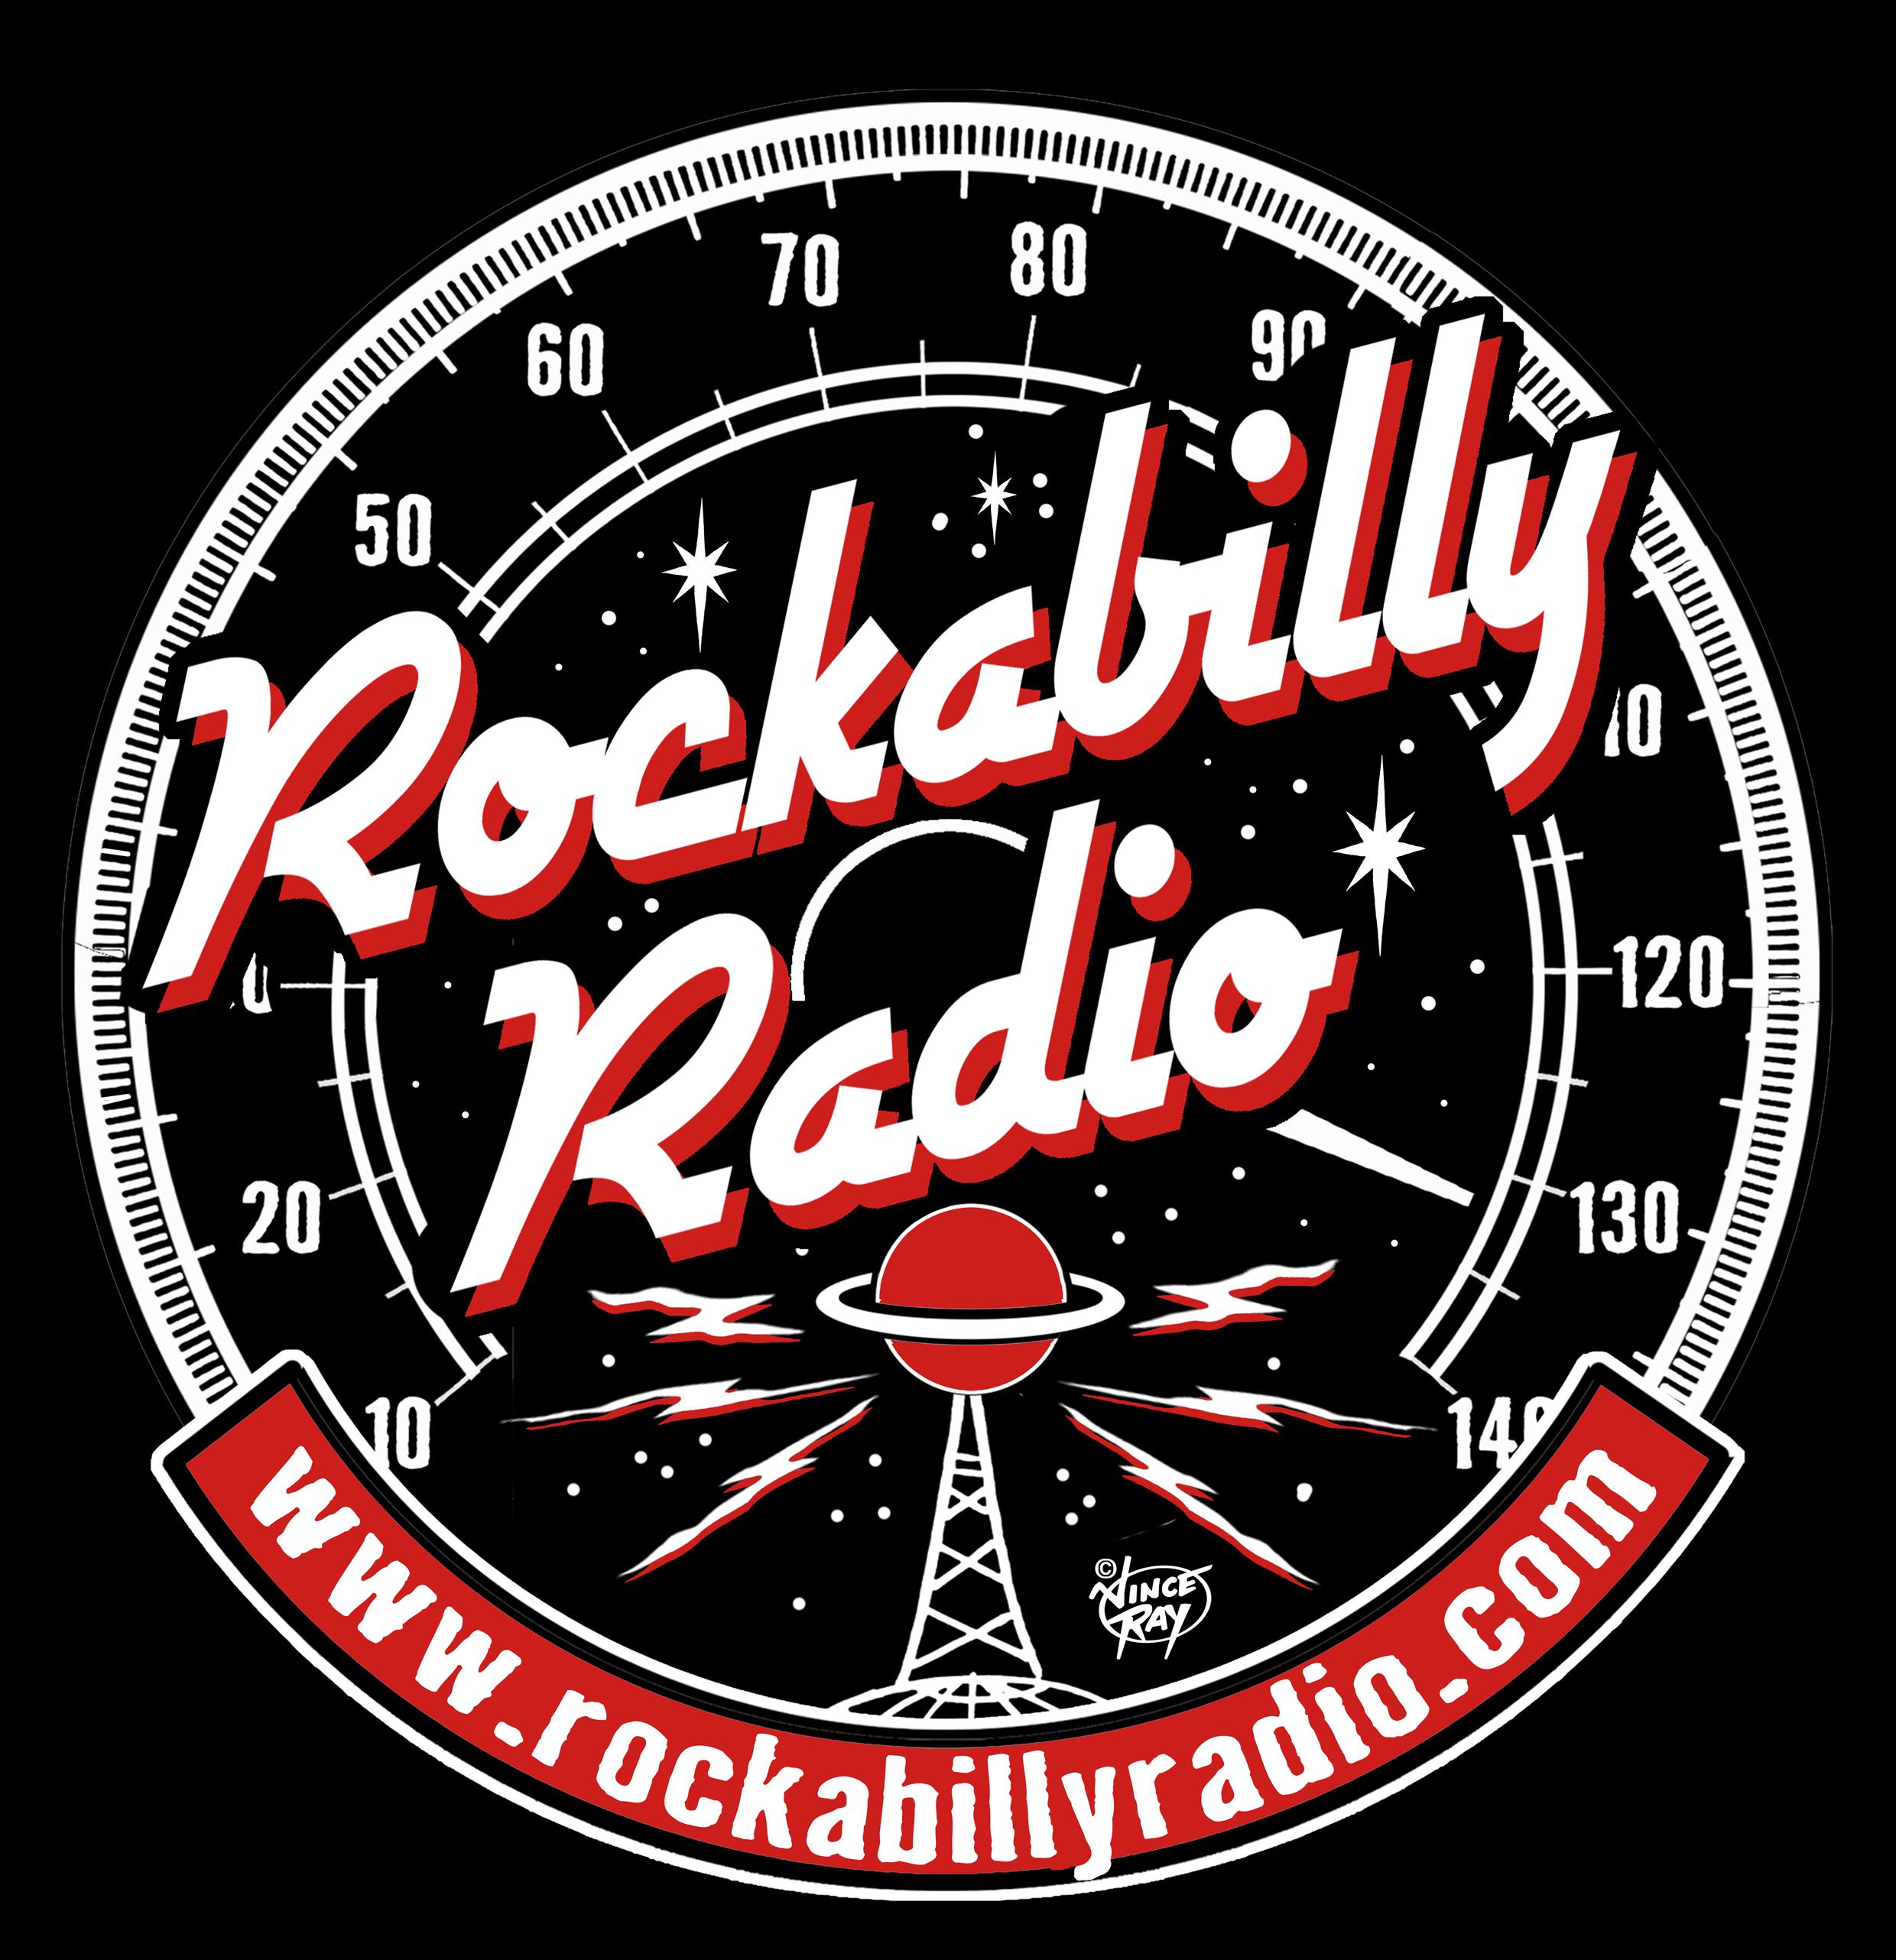 RockabillyRadioHR4_web